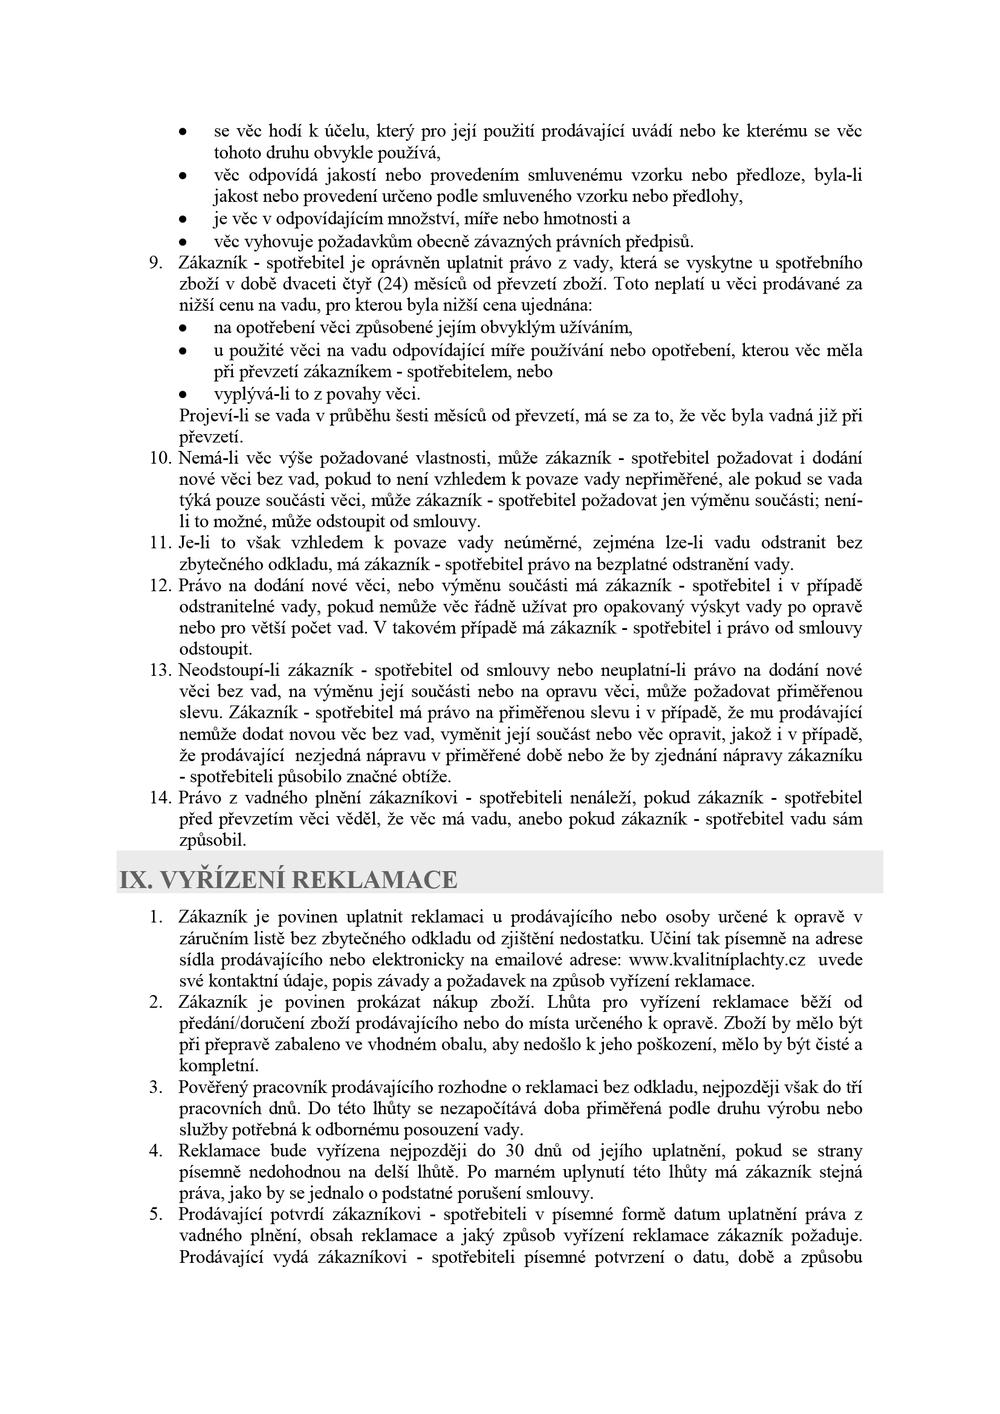 Všeobecné obchodní podmínky-5.jpg